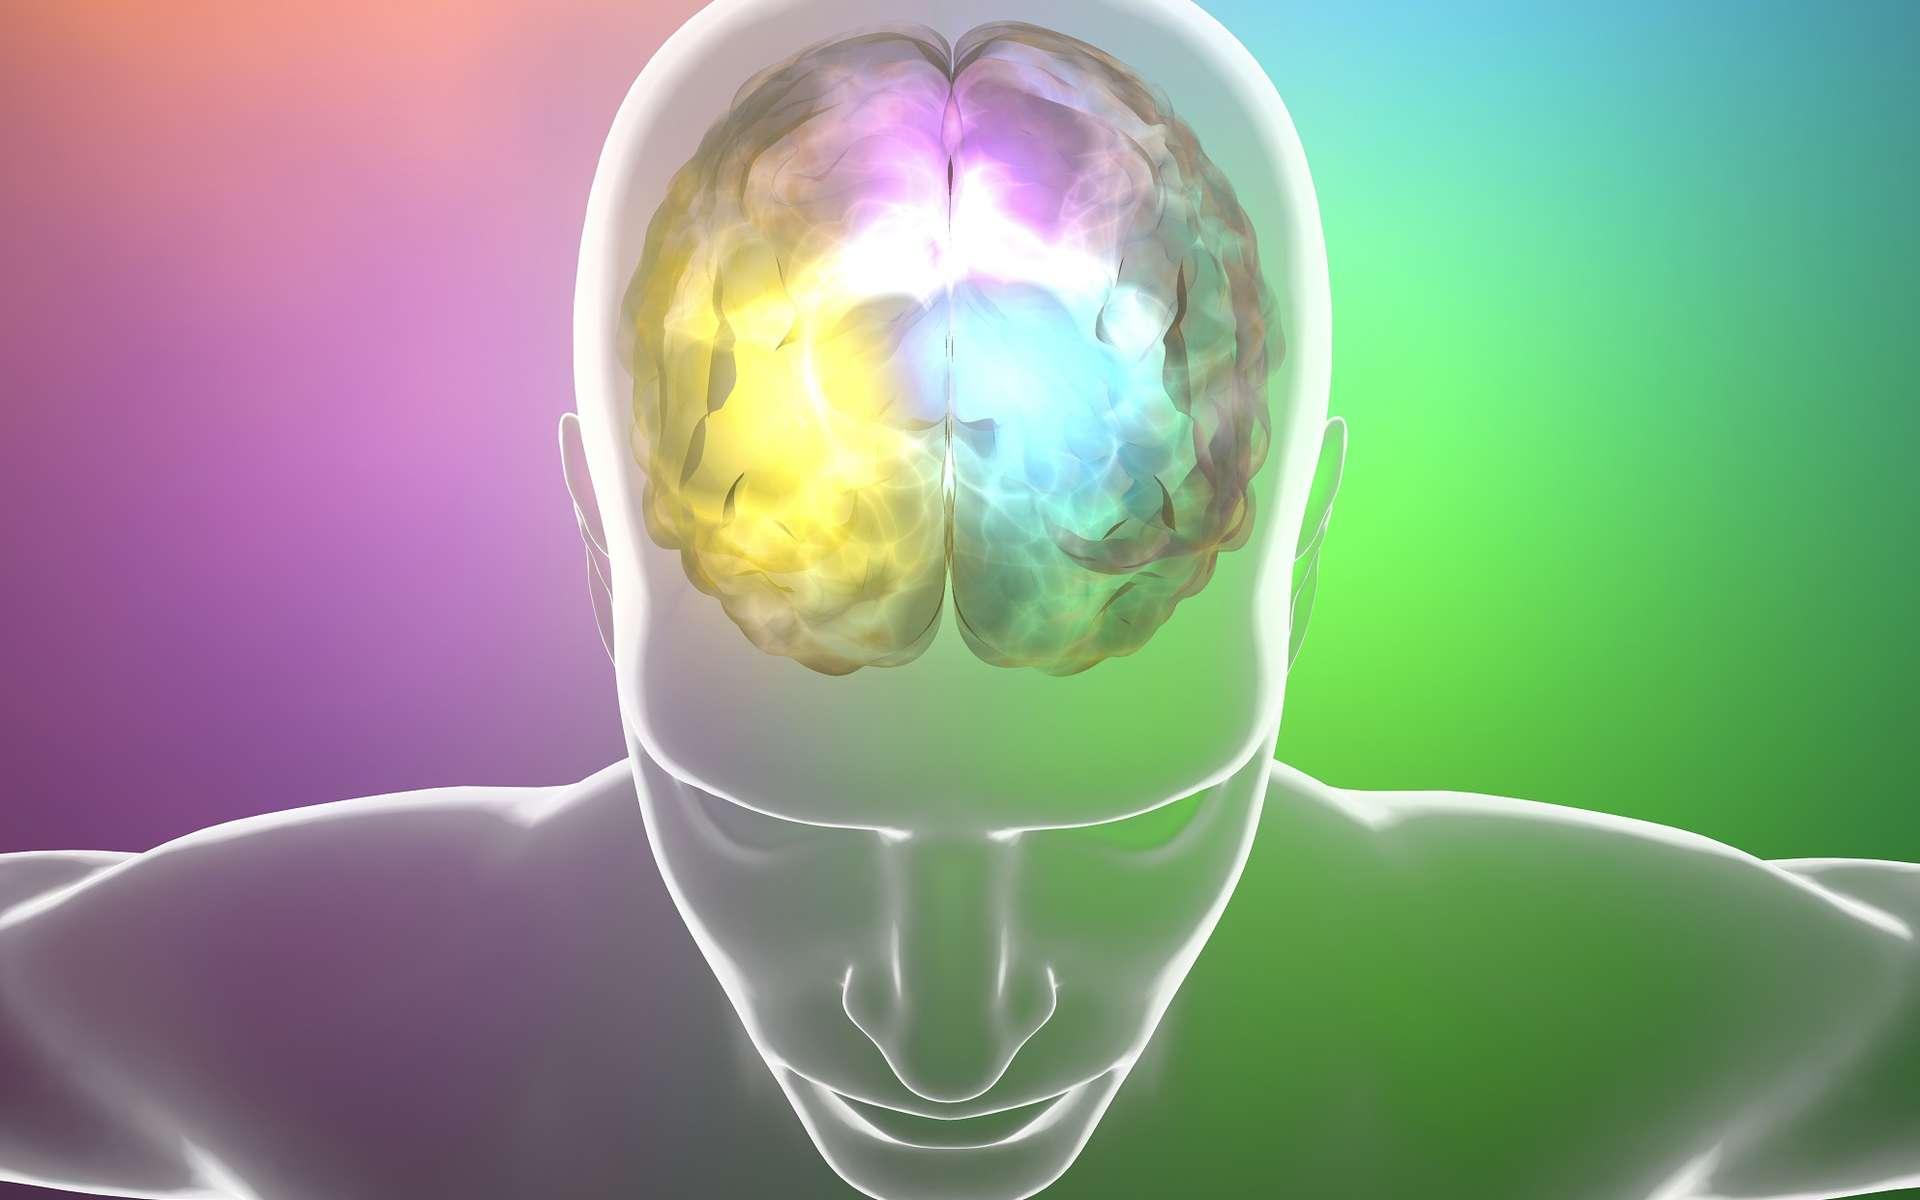 Les chercheurs ont fait un grand pas en utilisant une matrice 3D pour obtenir des neurones à partir de cellules souches. Les cellules injectées dans le cerveau de souris survivent bien mieux qu'avec d'autres méthodes. © Naeblys, Shutterstock